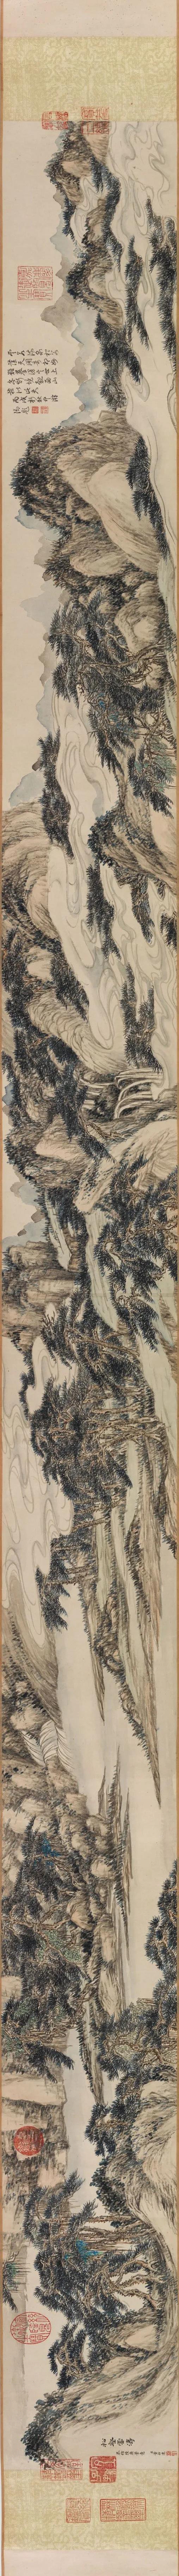 清 董邦达 仿陆广松壑云涛图 卷 纸本18.5x148.5cm美国弗利尔美术馆藏